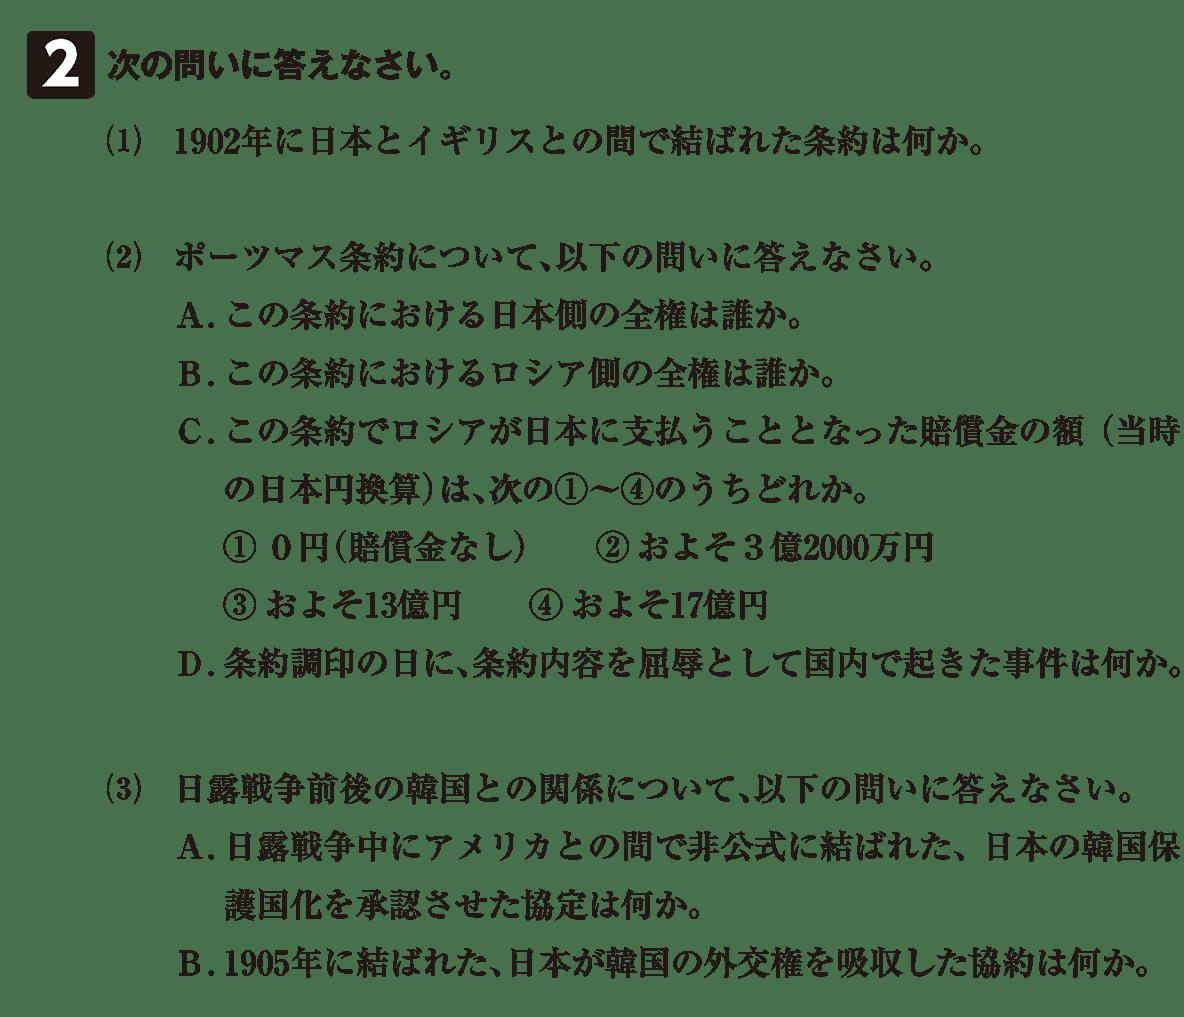 近代45 問題2 カッコ空欄